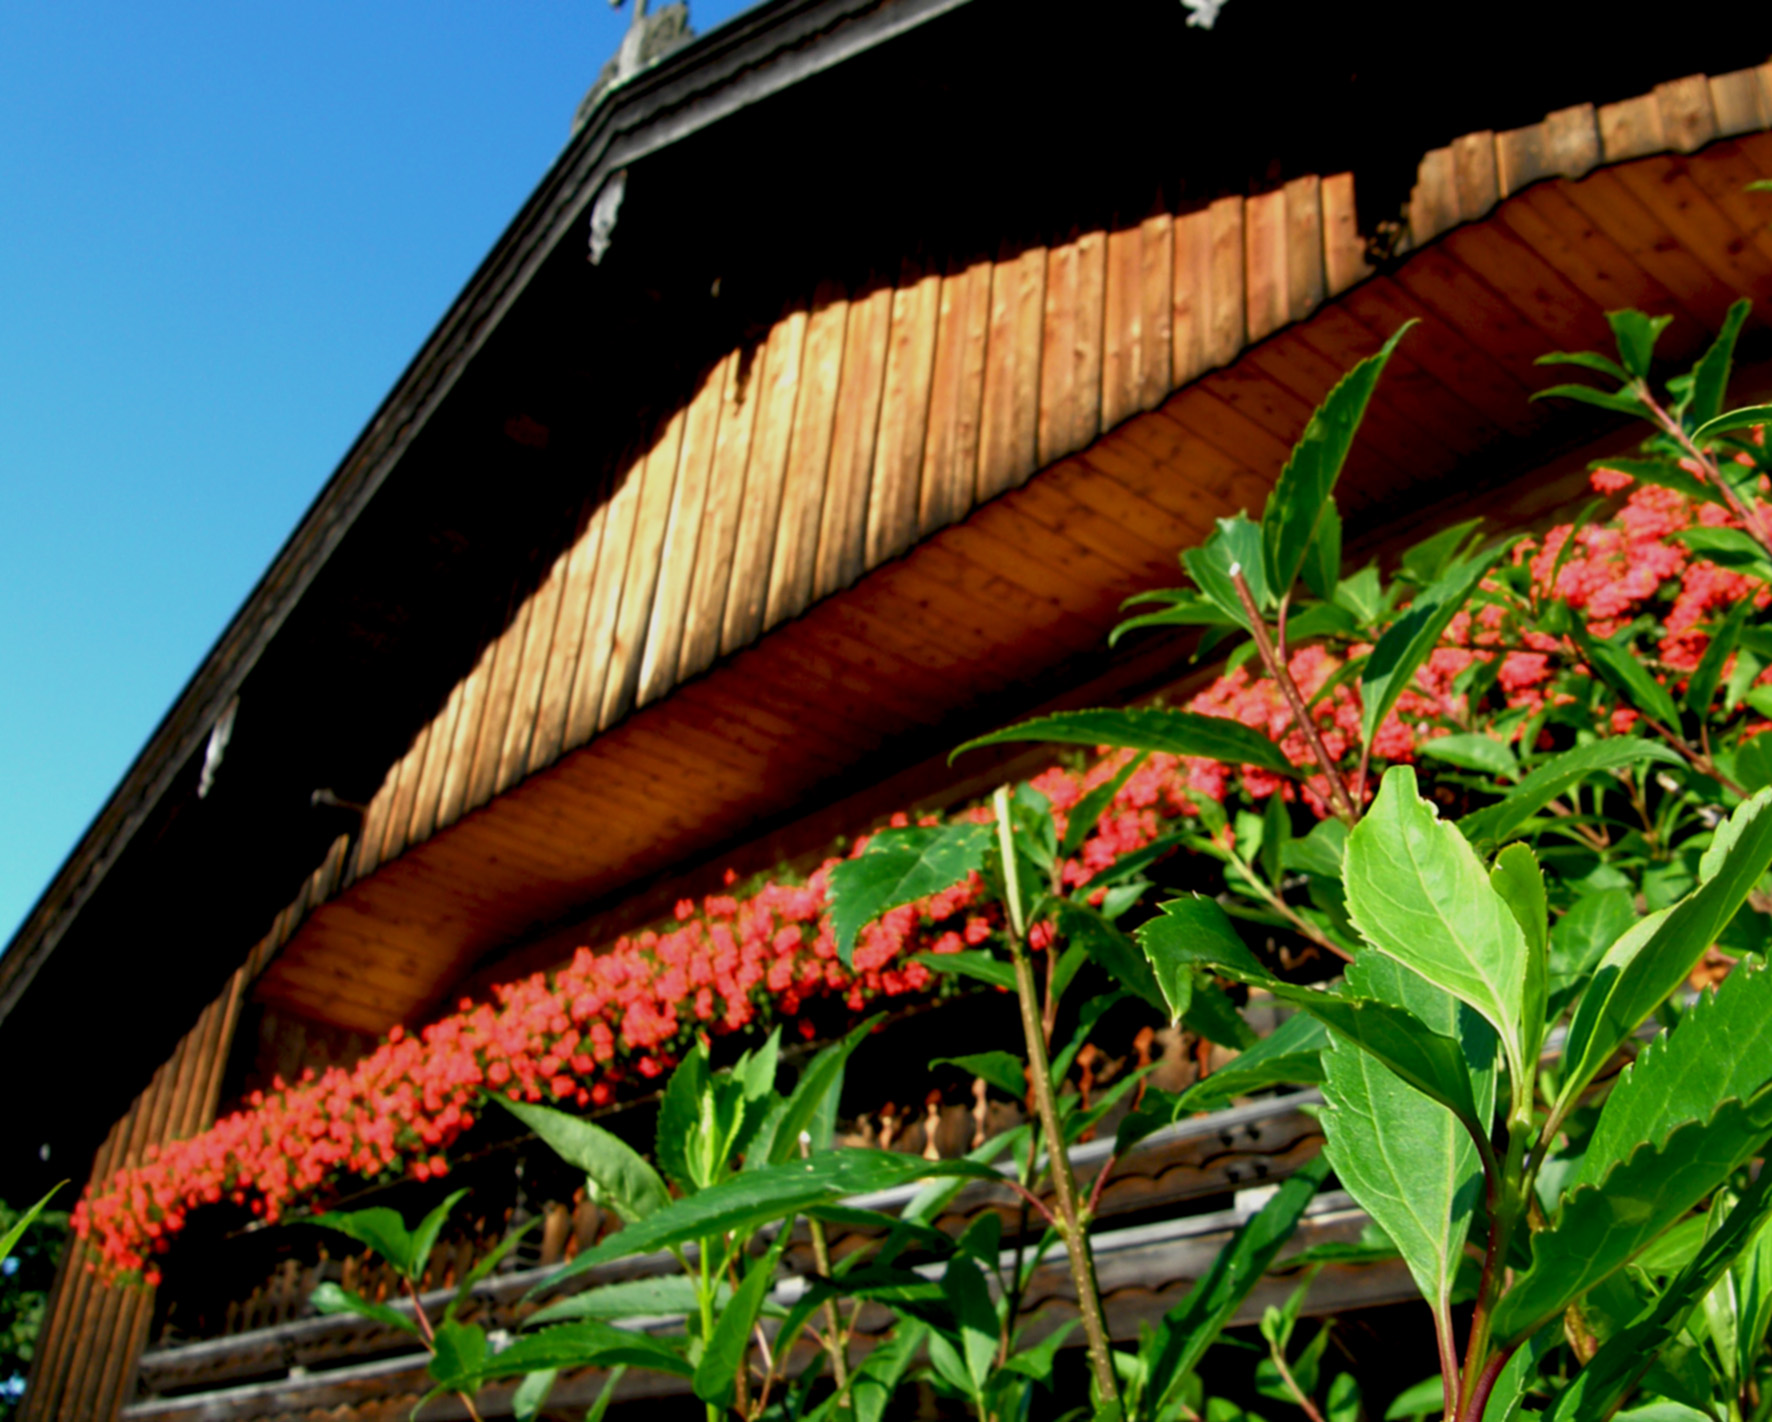 Sommerliche Stimmung im Trachtenheim Irschenberg